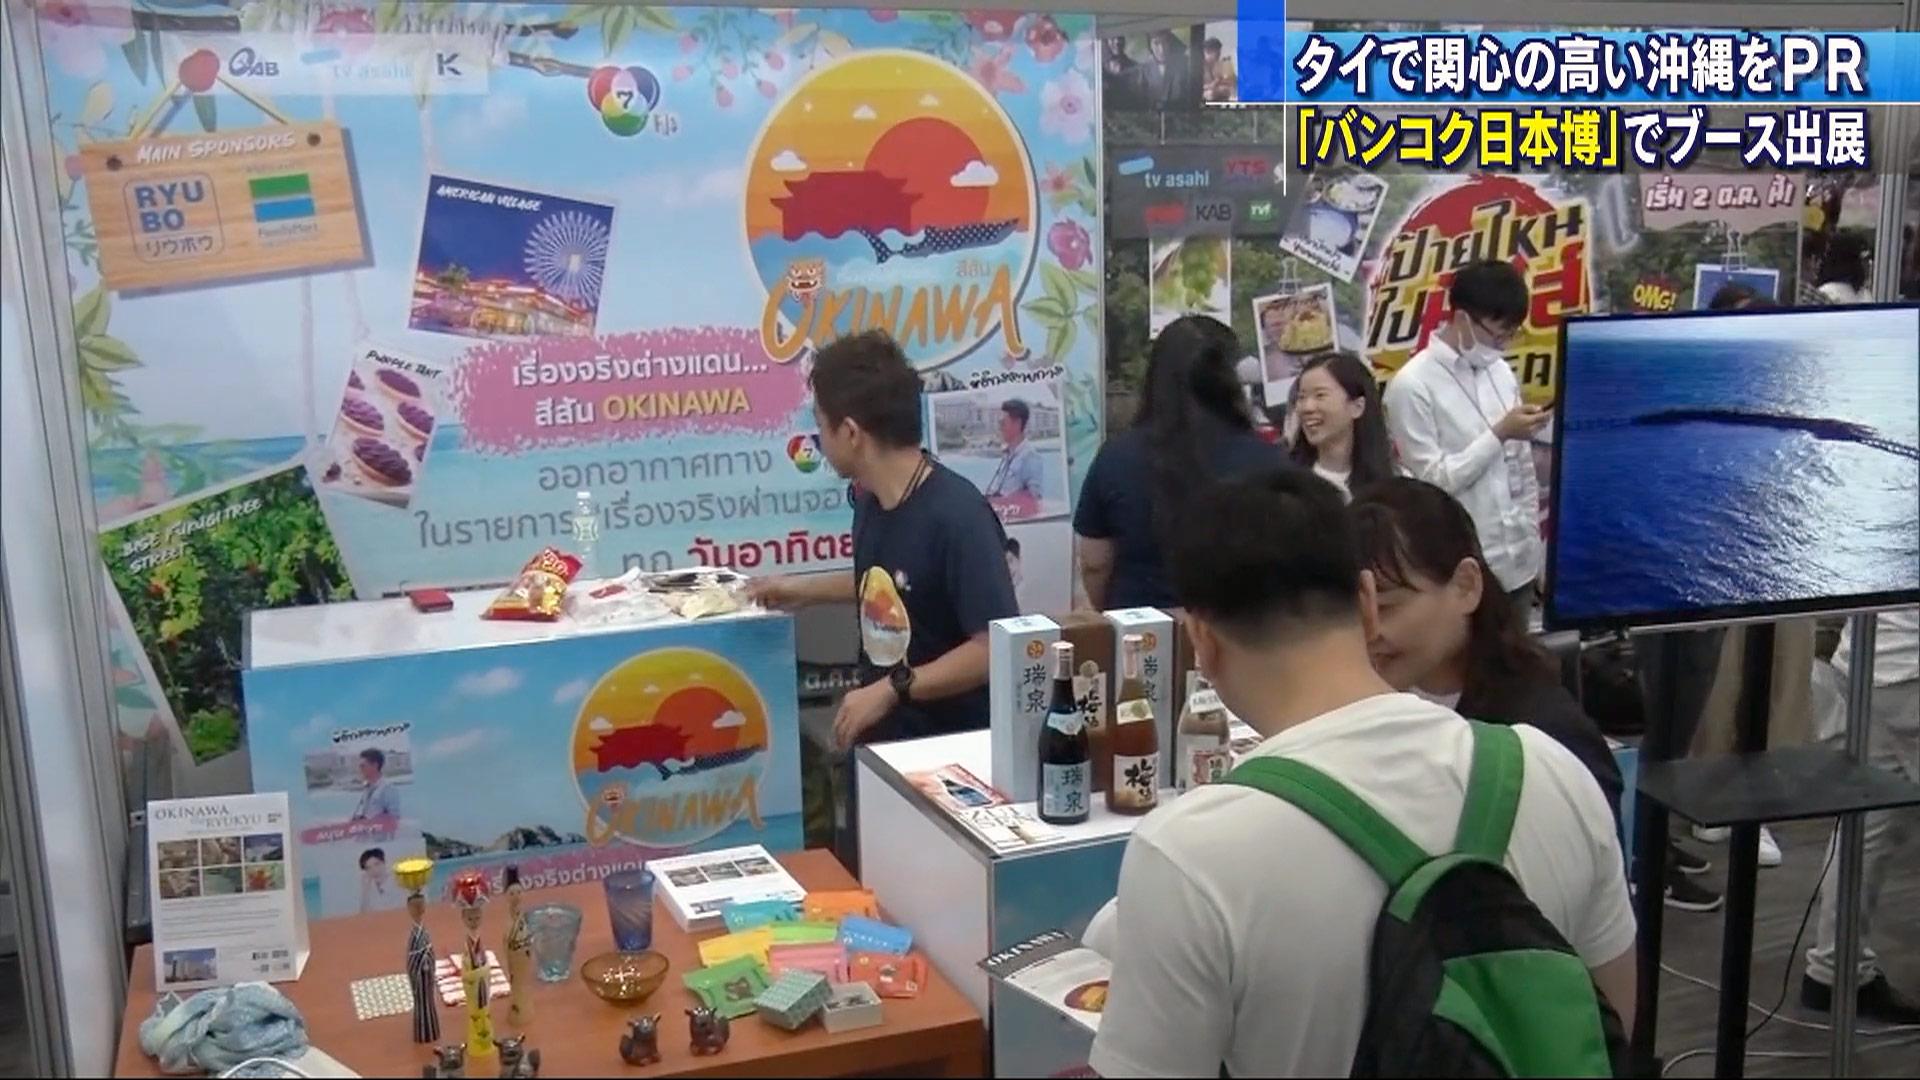 タイの日本博で沖縄PR